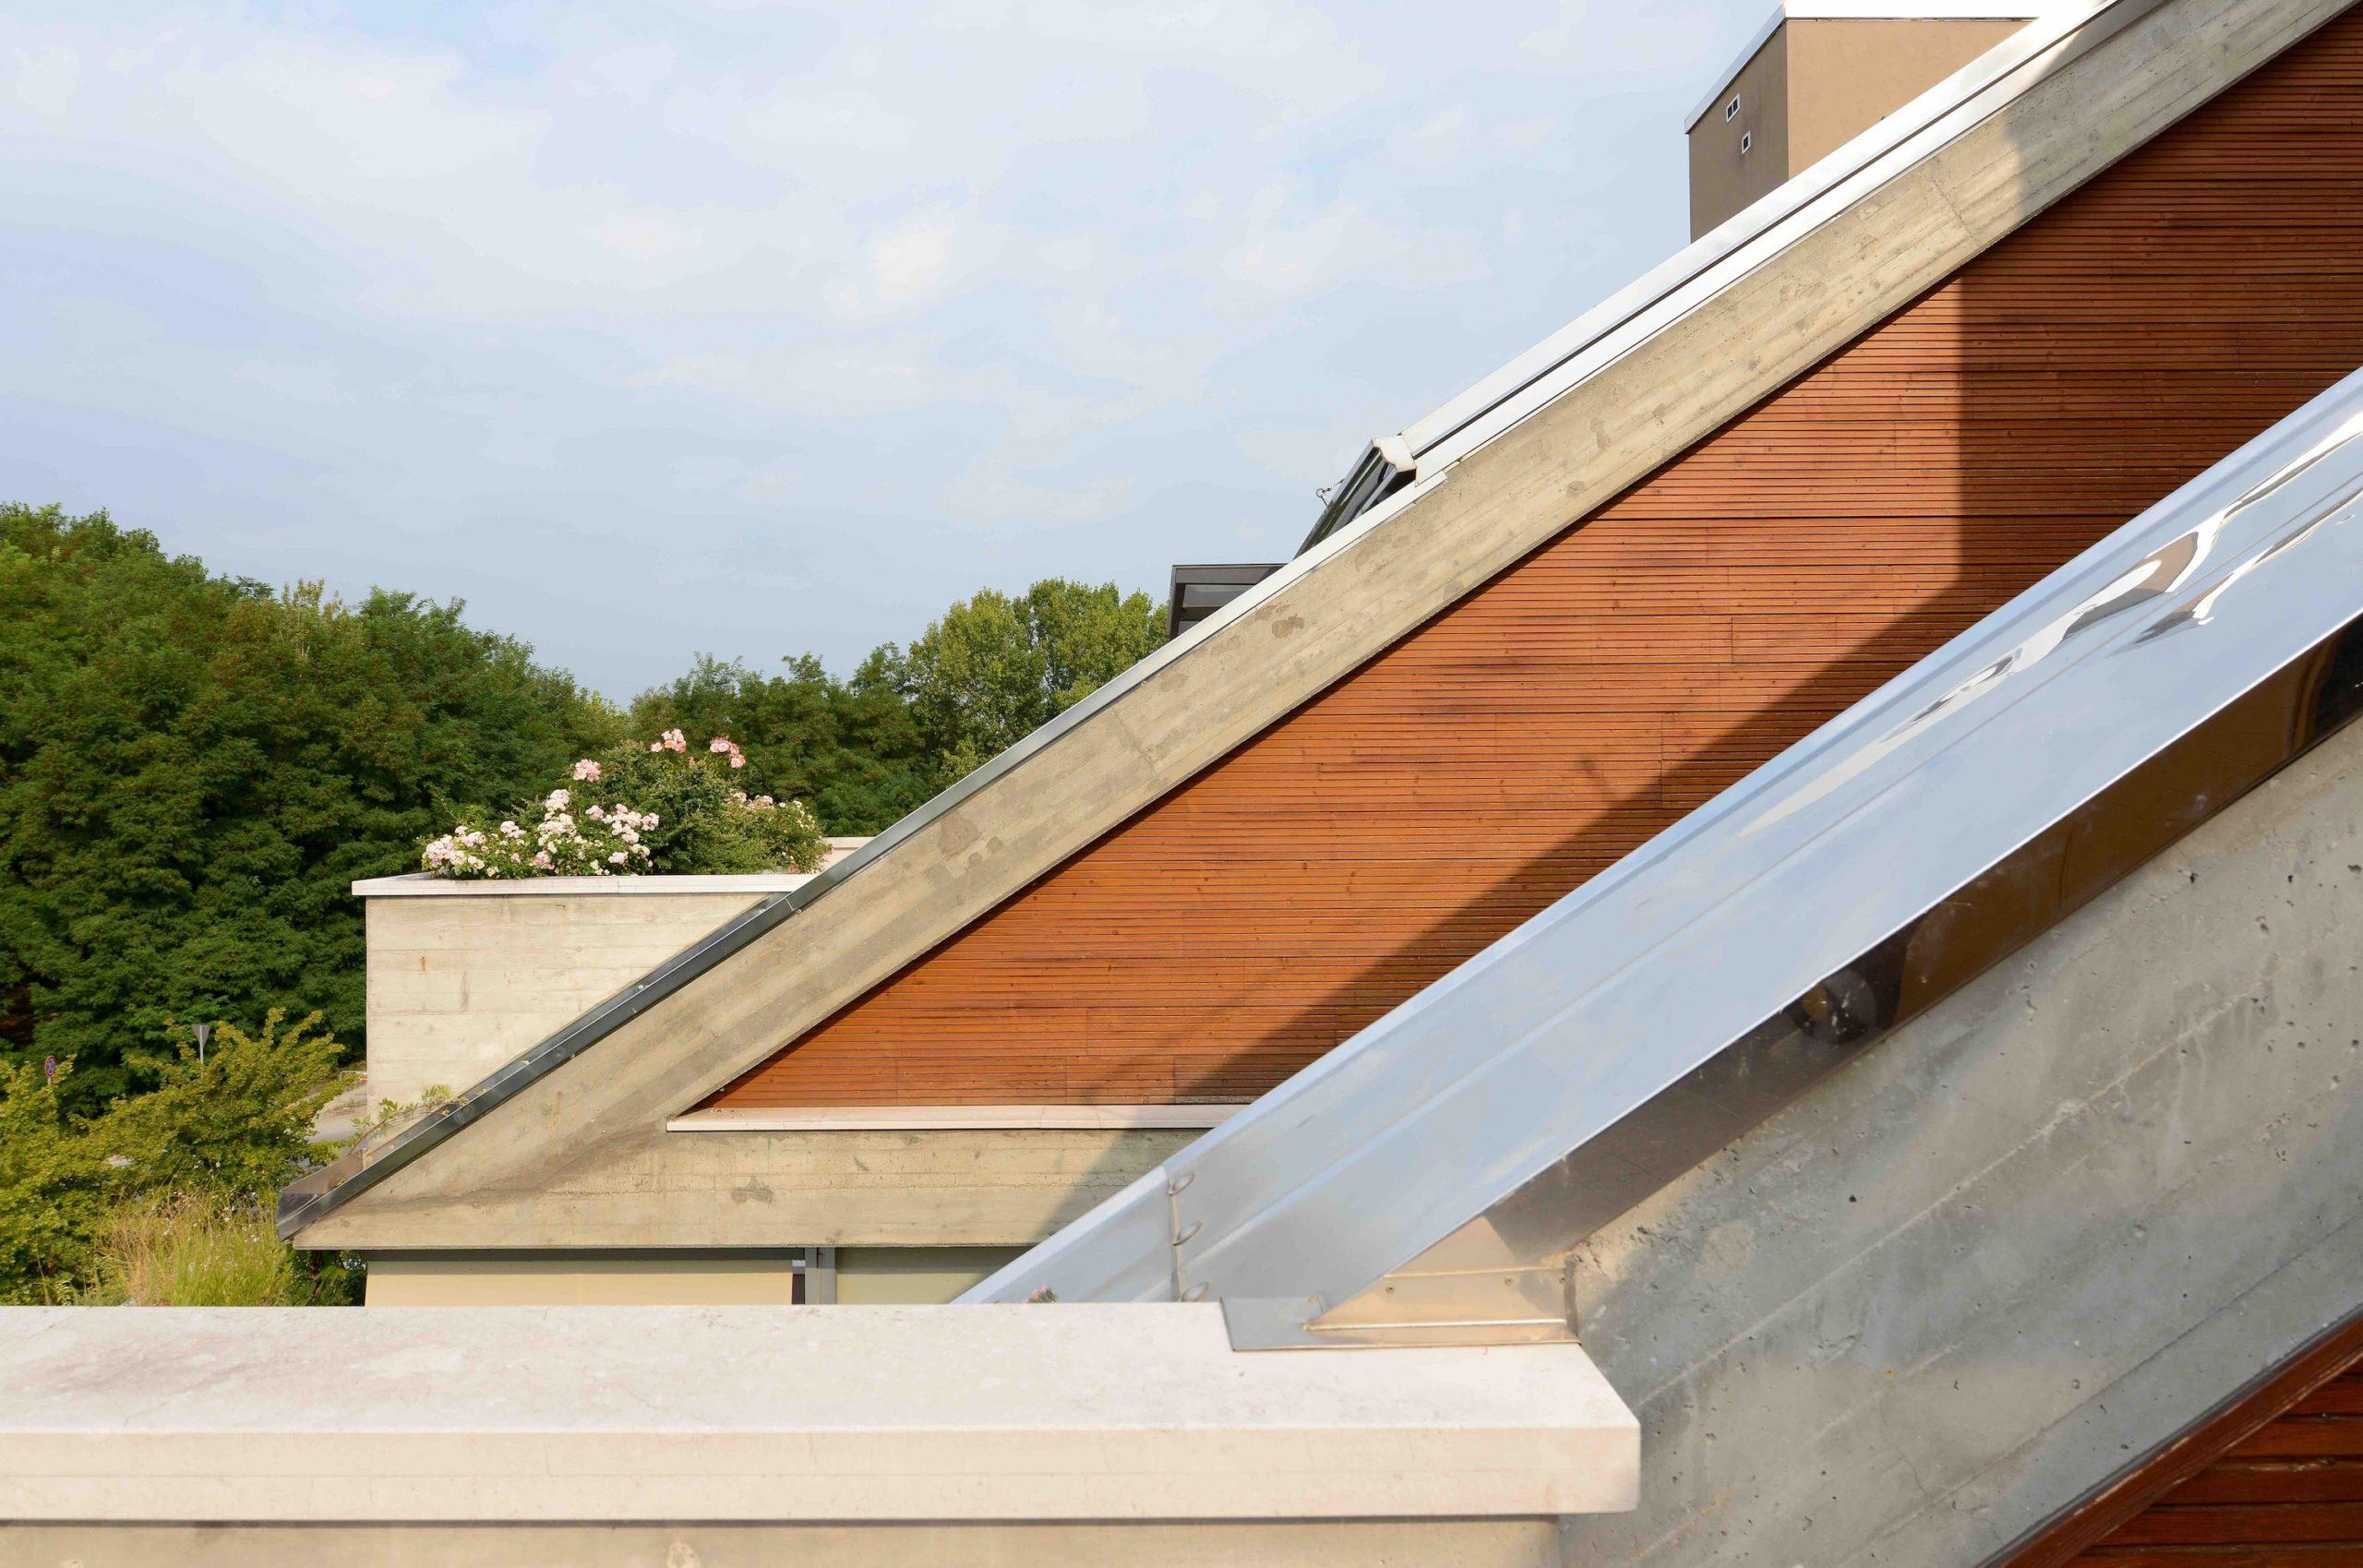 6548 Studio Bacchi Architetti 7Case